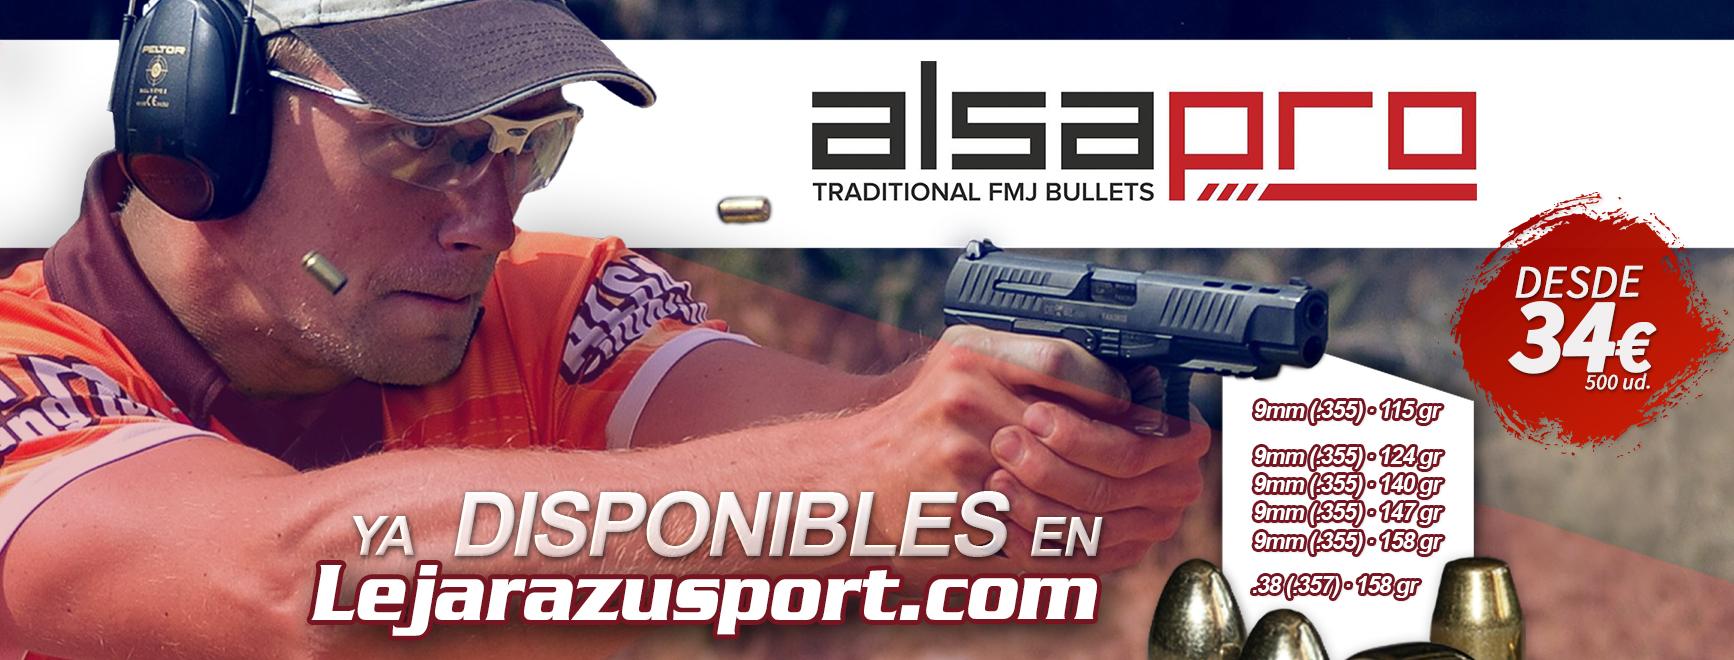 Puntas Alsa Pro en LejarazuSport.com